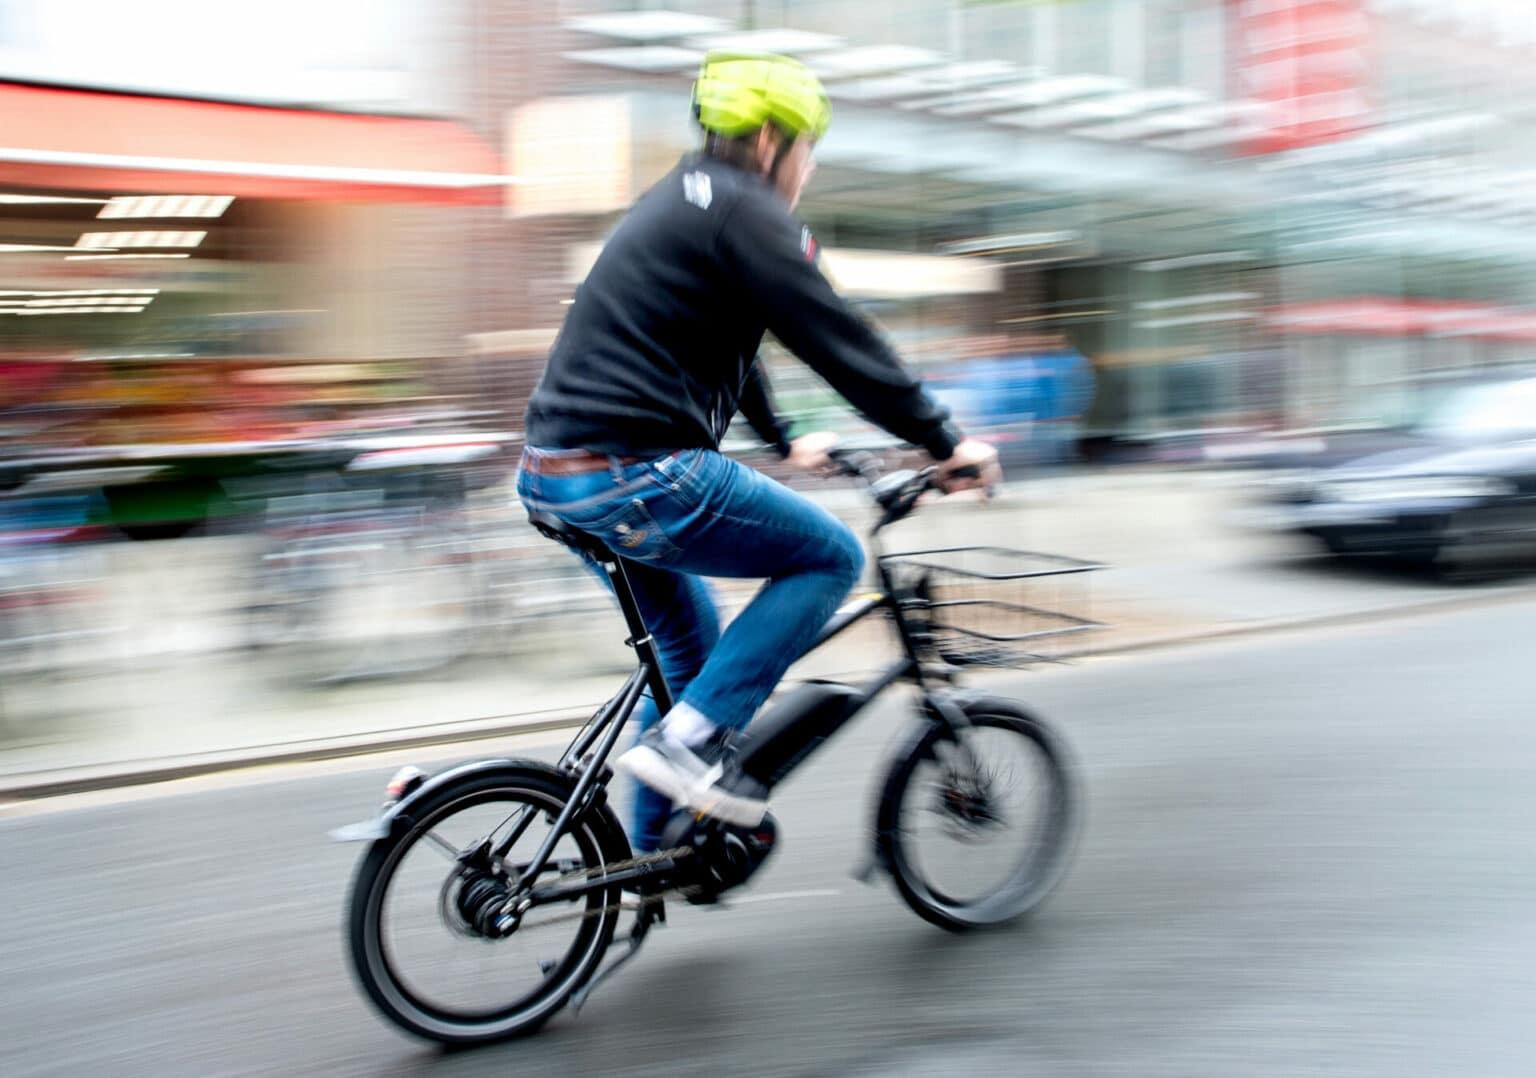 Fahrer eines E-Bikes fährt mit hoher Geschwindigkeit durch eine Straße